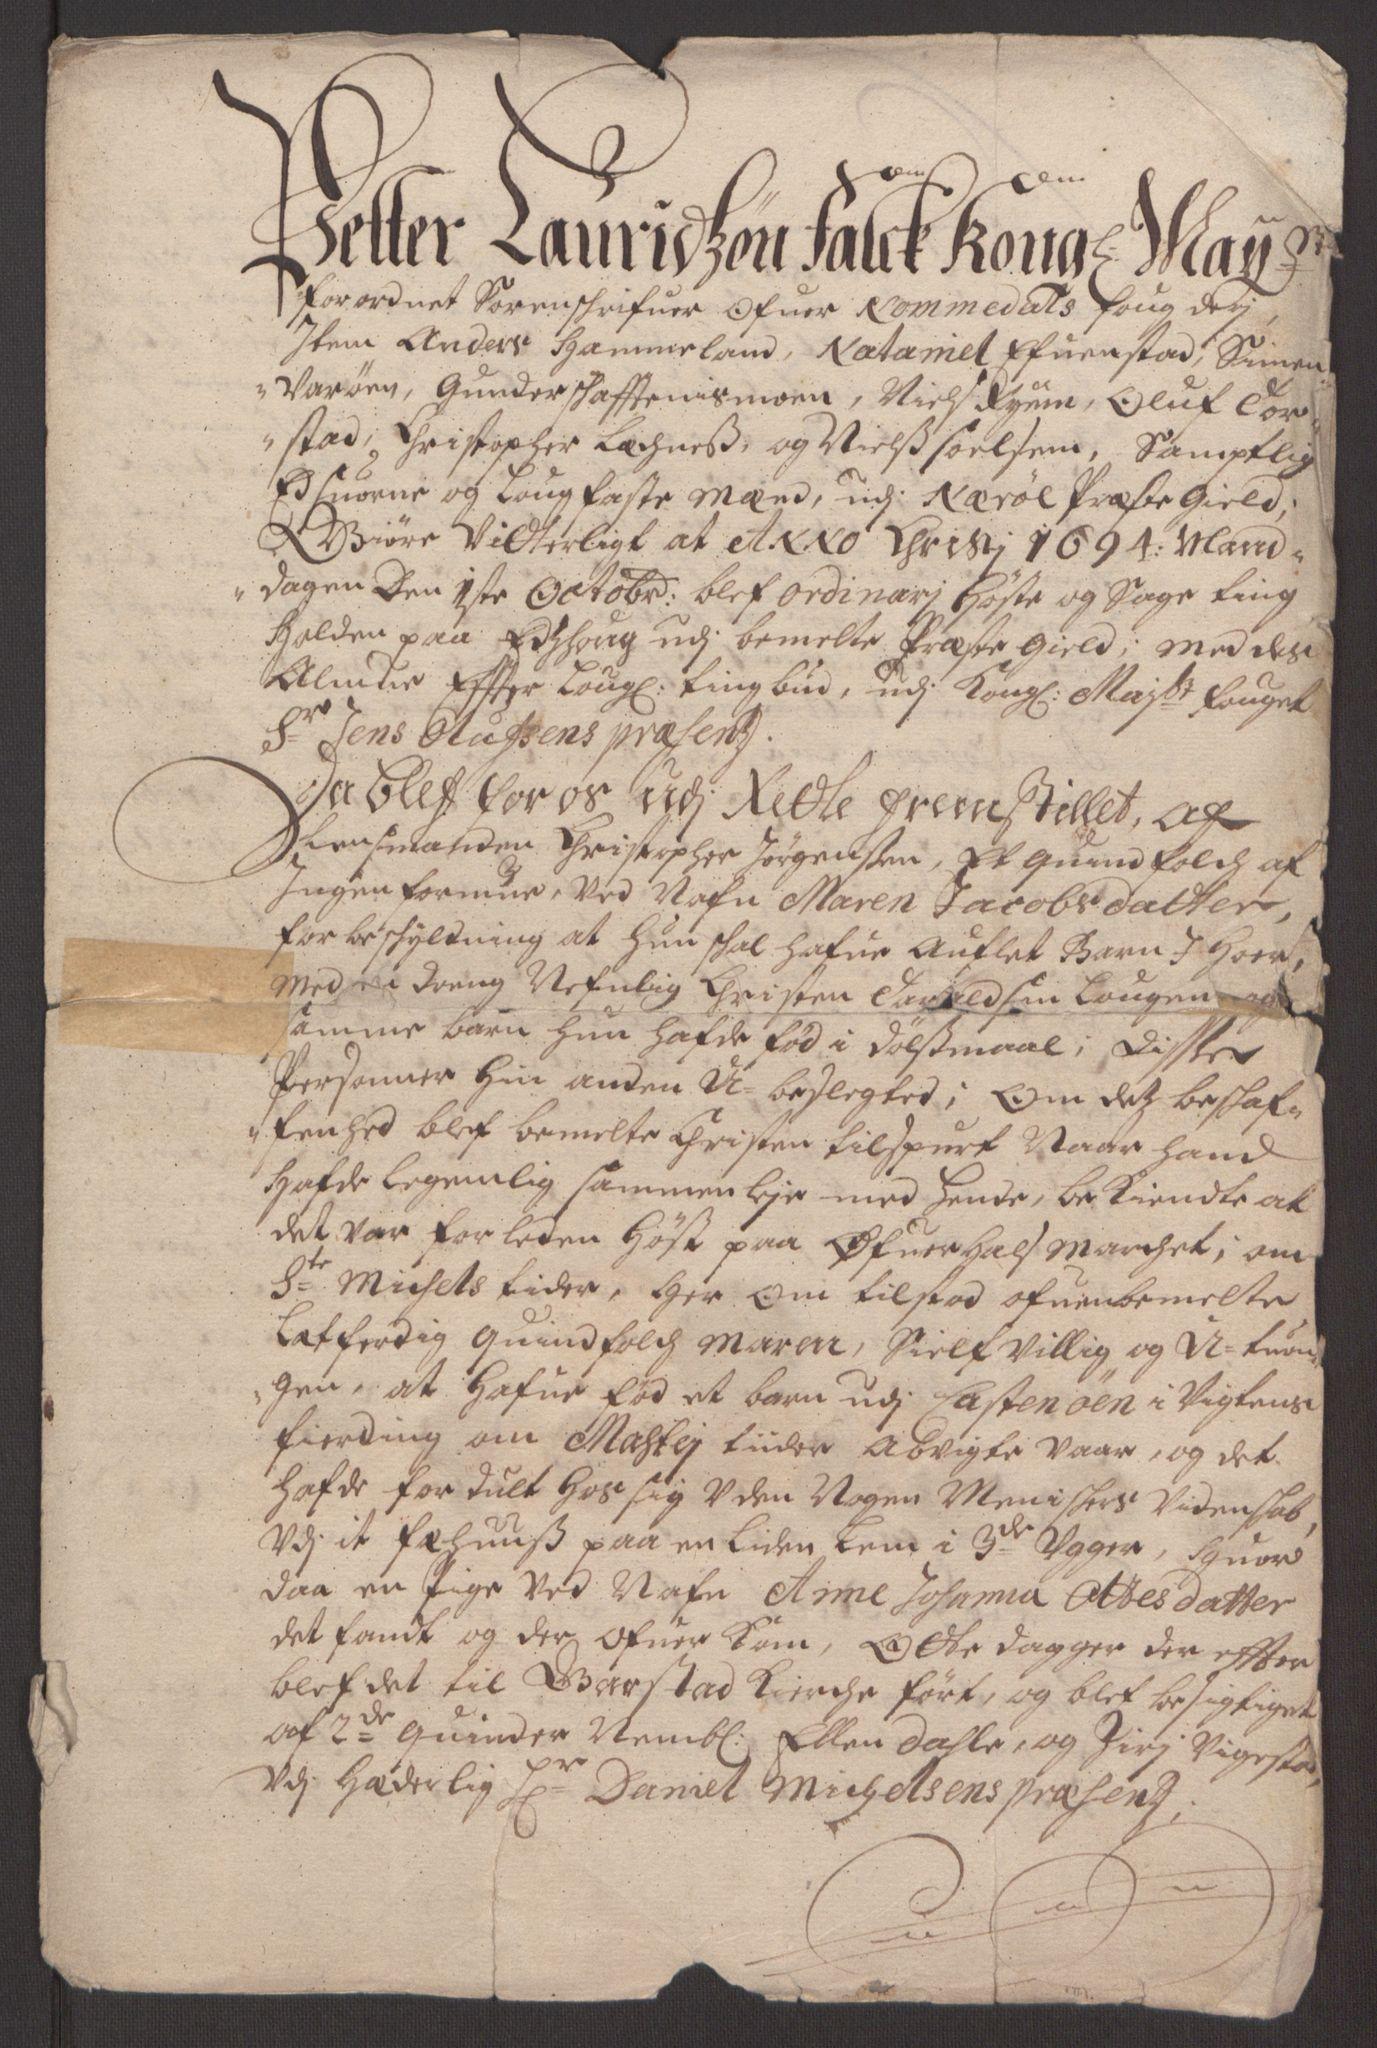 RA, Rentekammeret inntil 1814, Reviderte regnskaper, Fogderegnskap, R64/L4424: Fogderegnskap Namdal, 1692-1695, s. 447